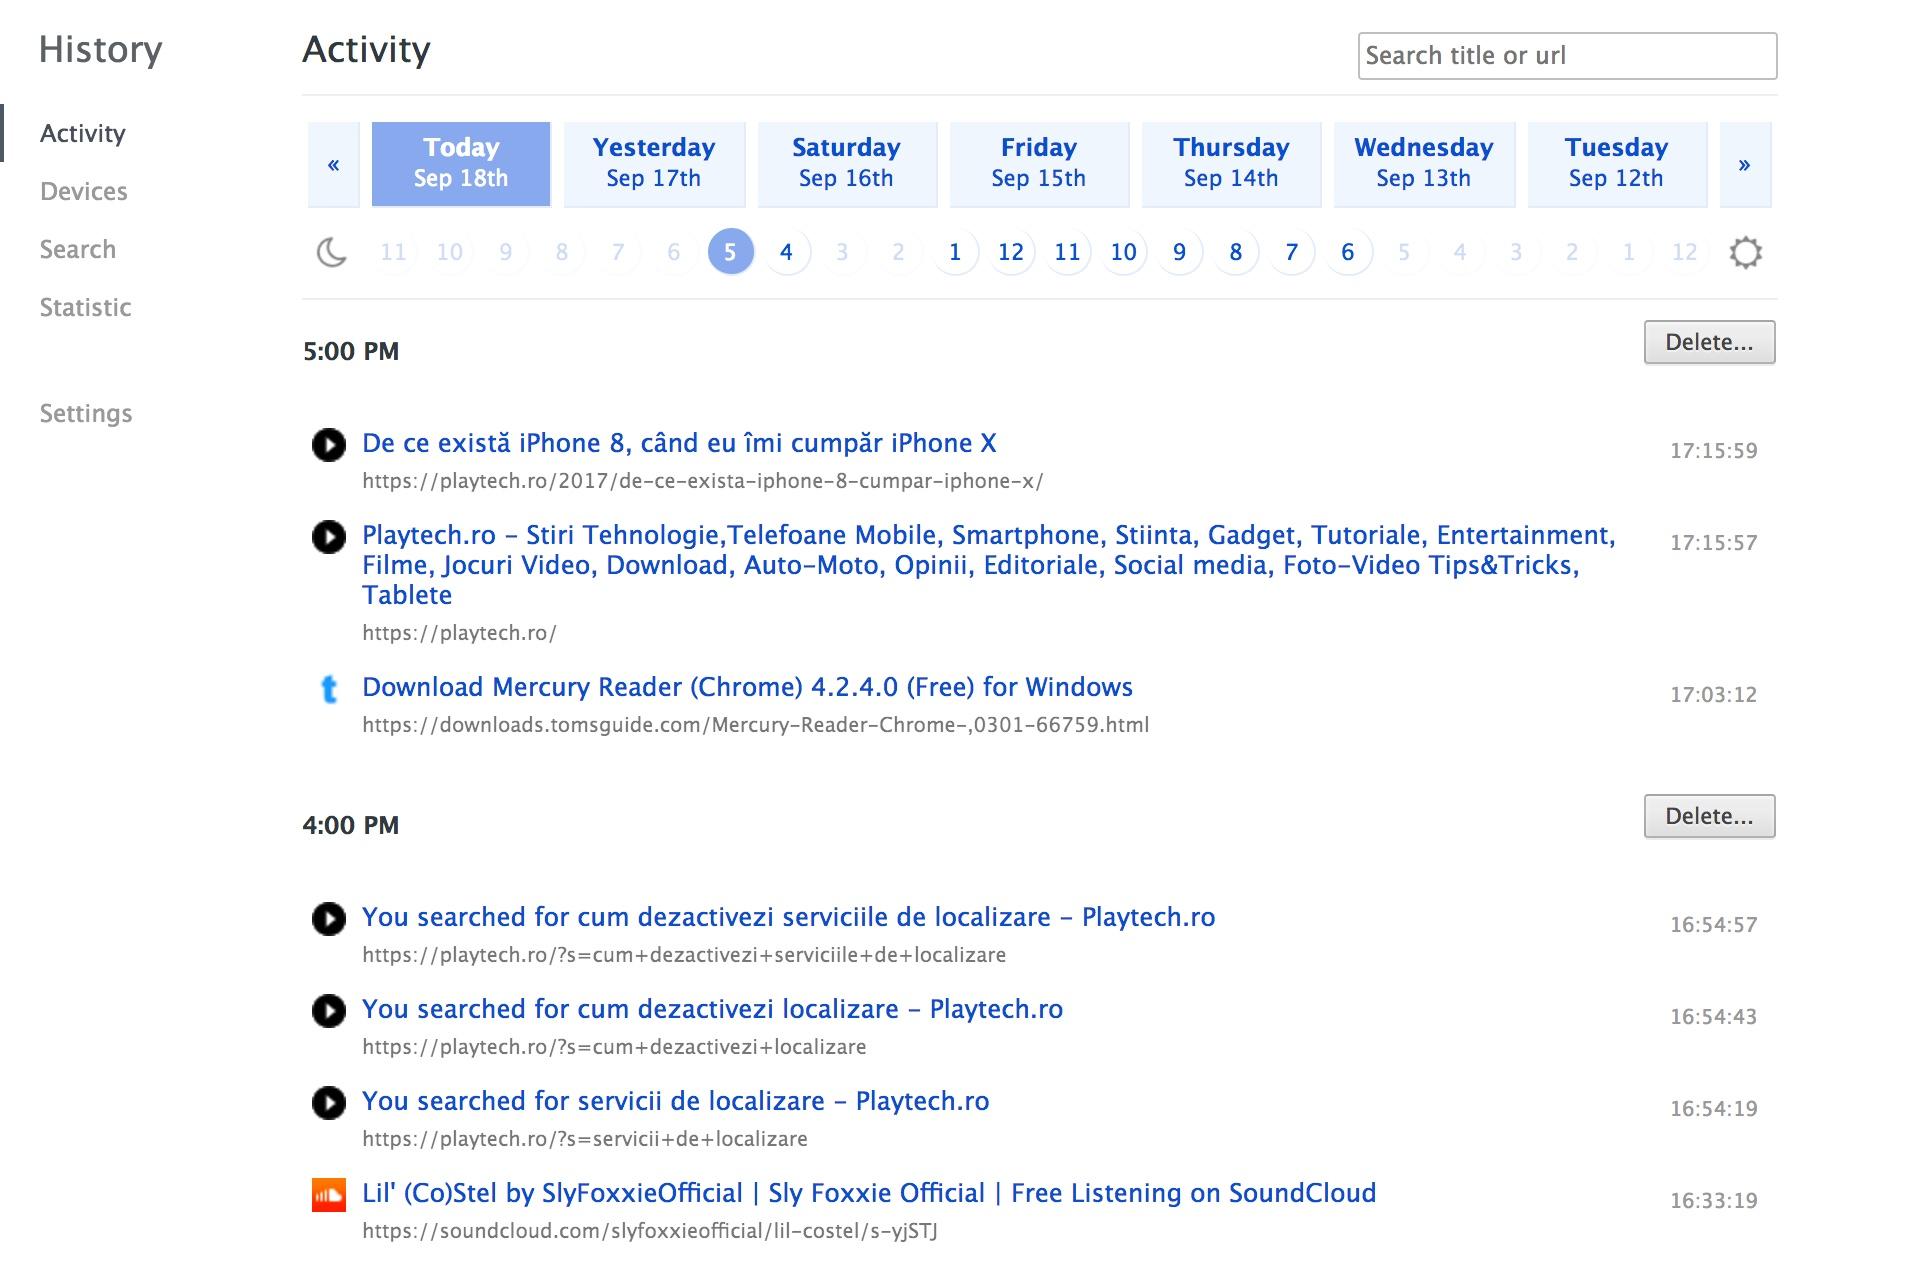 Cum găsești o pagină web în istoricul de navigare mai ușor